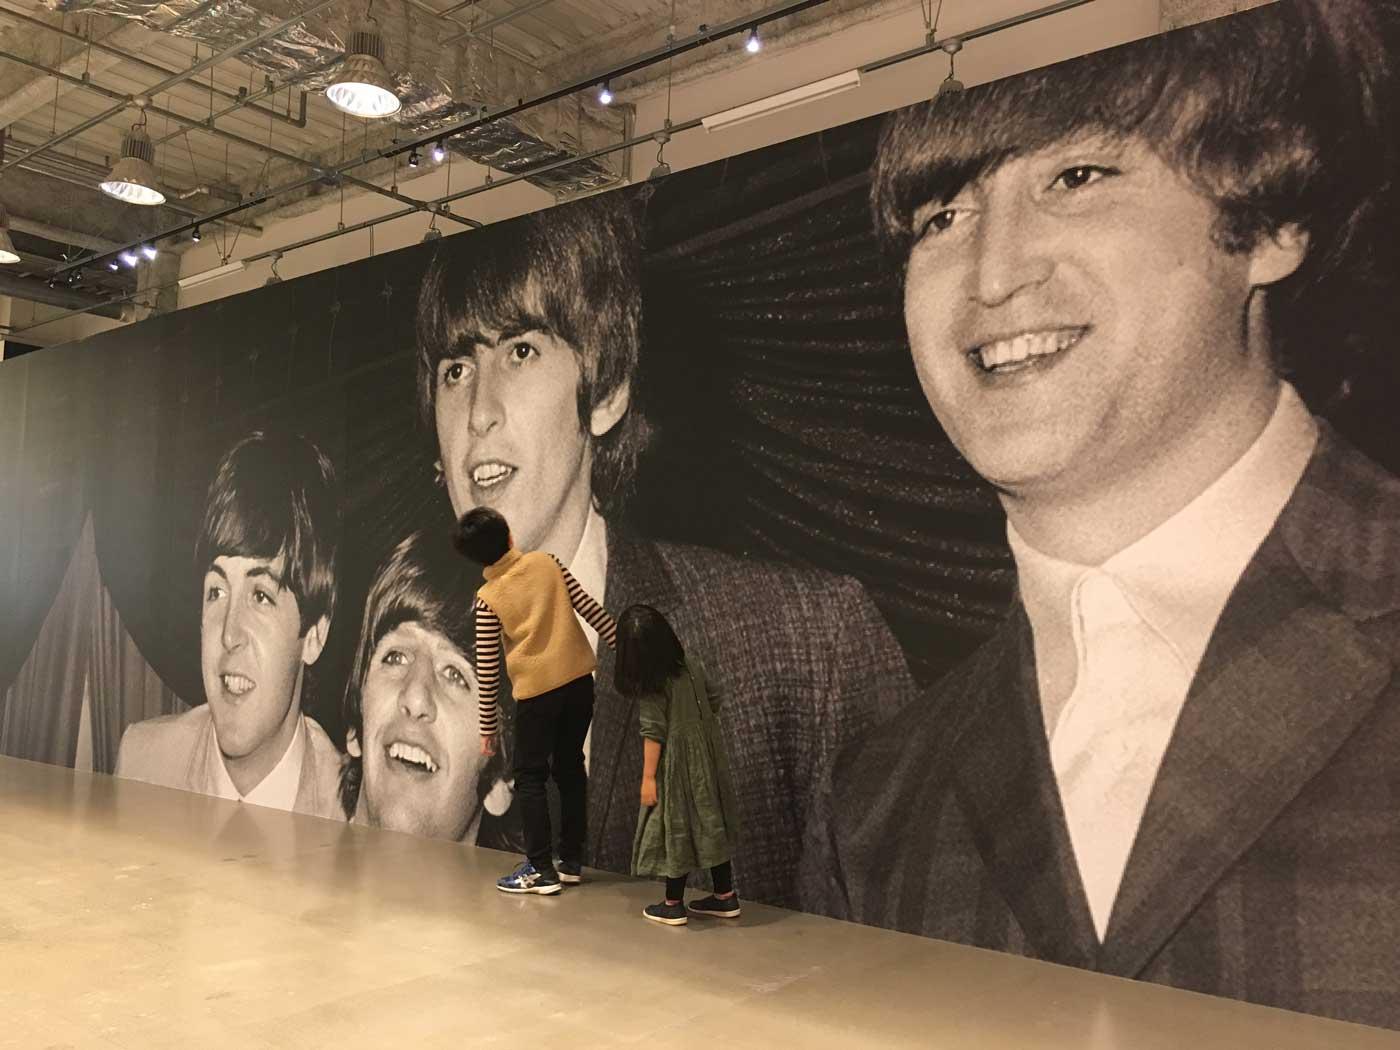 ビートルズ展「Ladies and Gentlemen...The Beatles!」